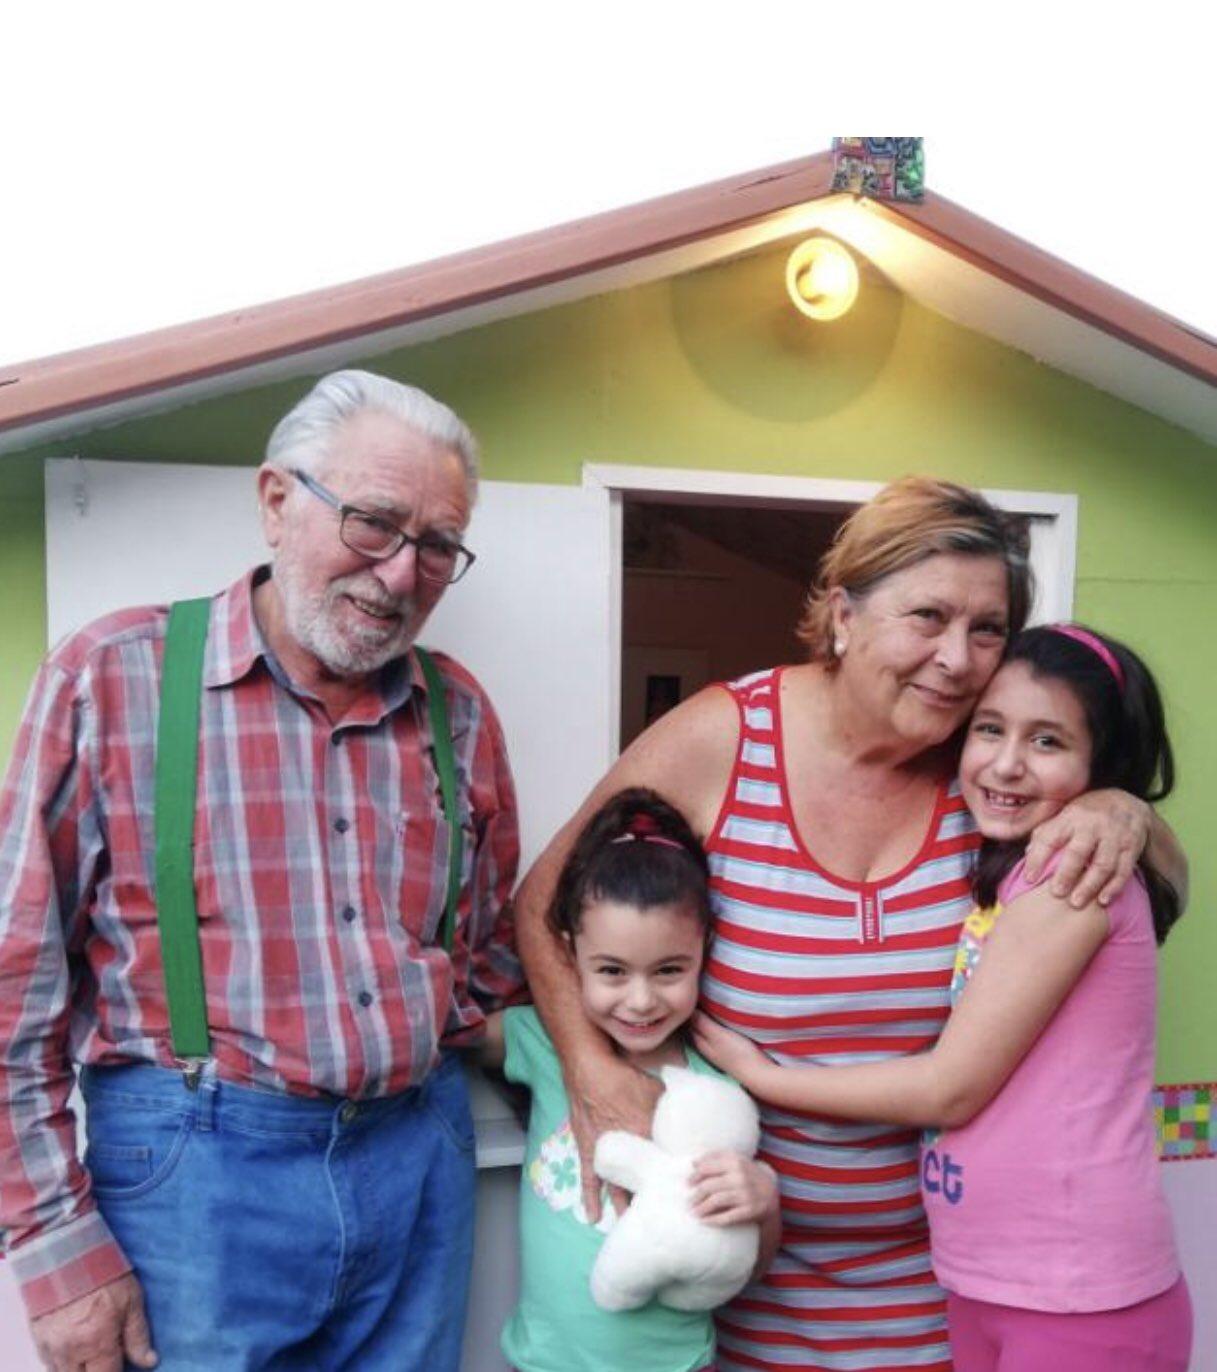 abuelos-construyen-casa-nietas-cuarentena